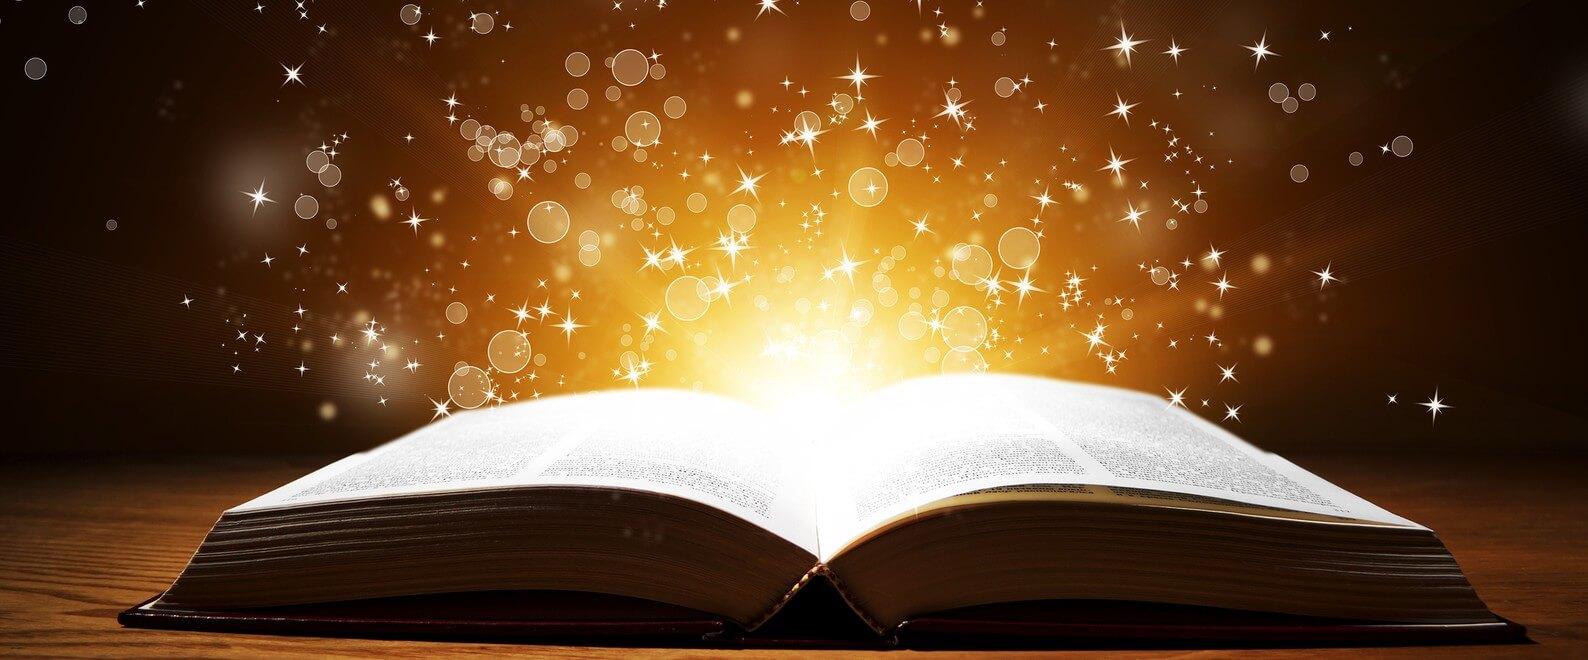 7 трансформационных книг: сила мысли может всё!